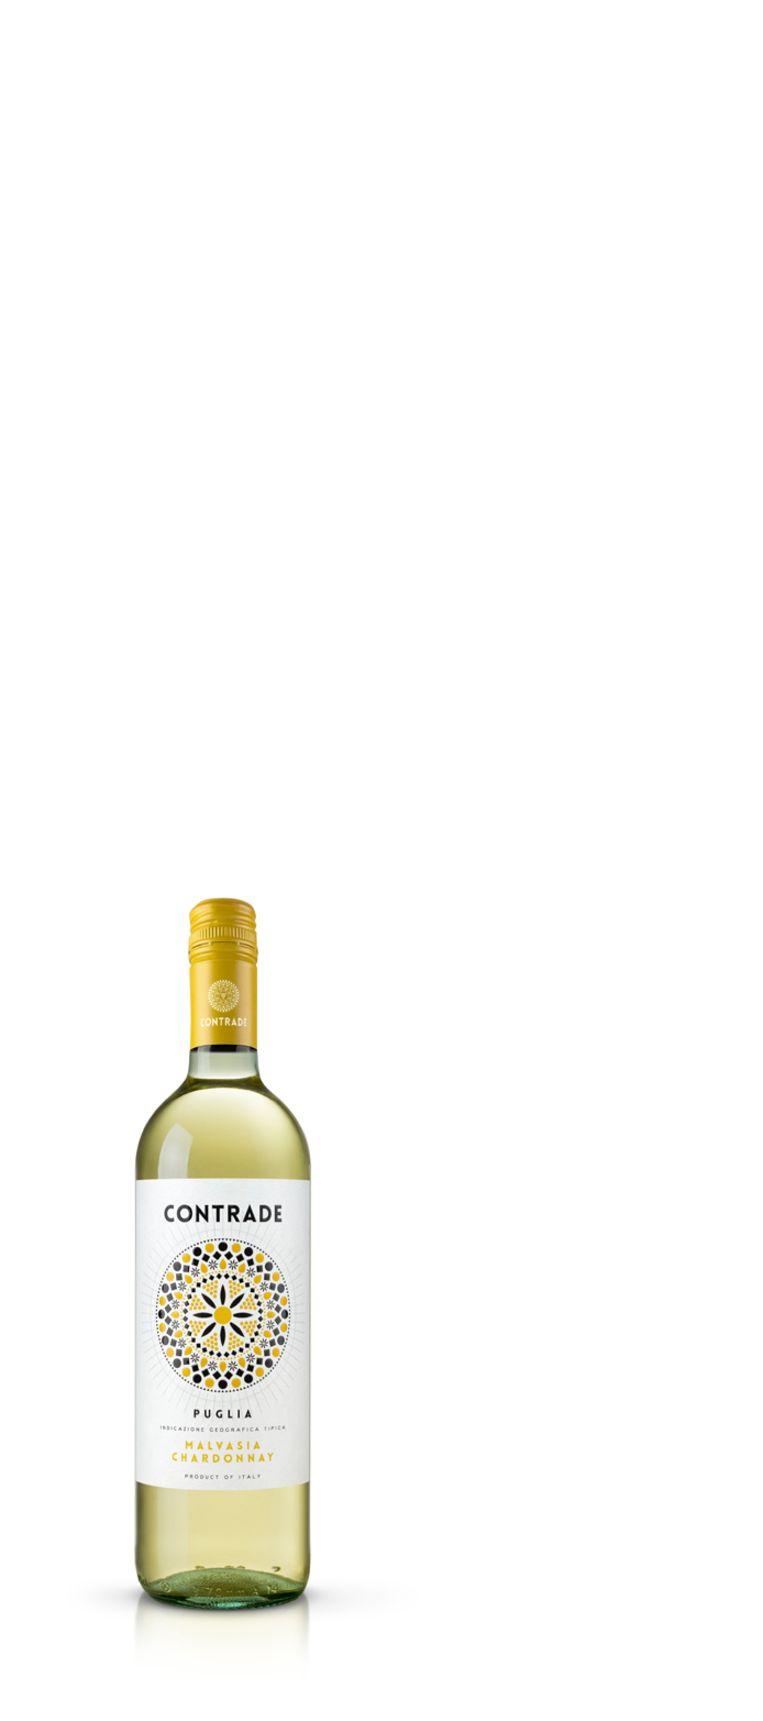 Contrade 2019, Chardonnay Malvasia, Puglia, Italië, €7,50 (wit). Wijnkoperij De Gouden Ton, Willemsparkweg 158, Utrechtsestraat 94  Beeld